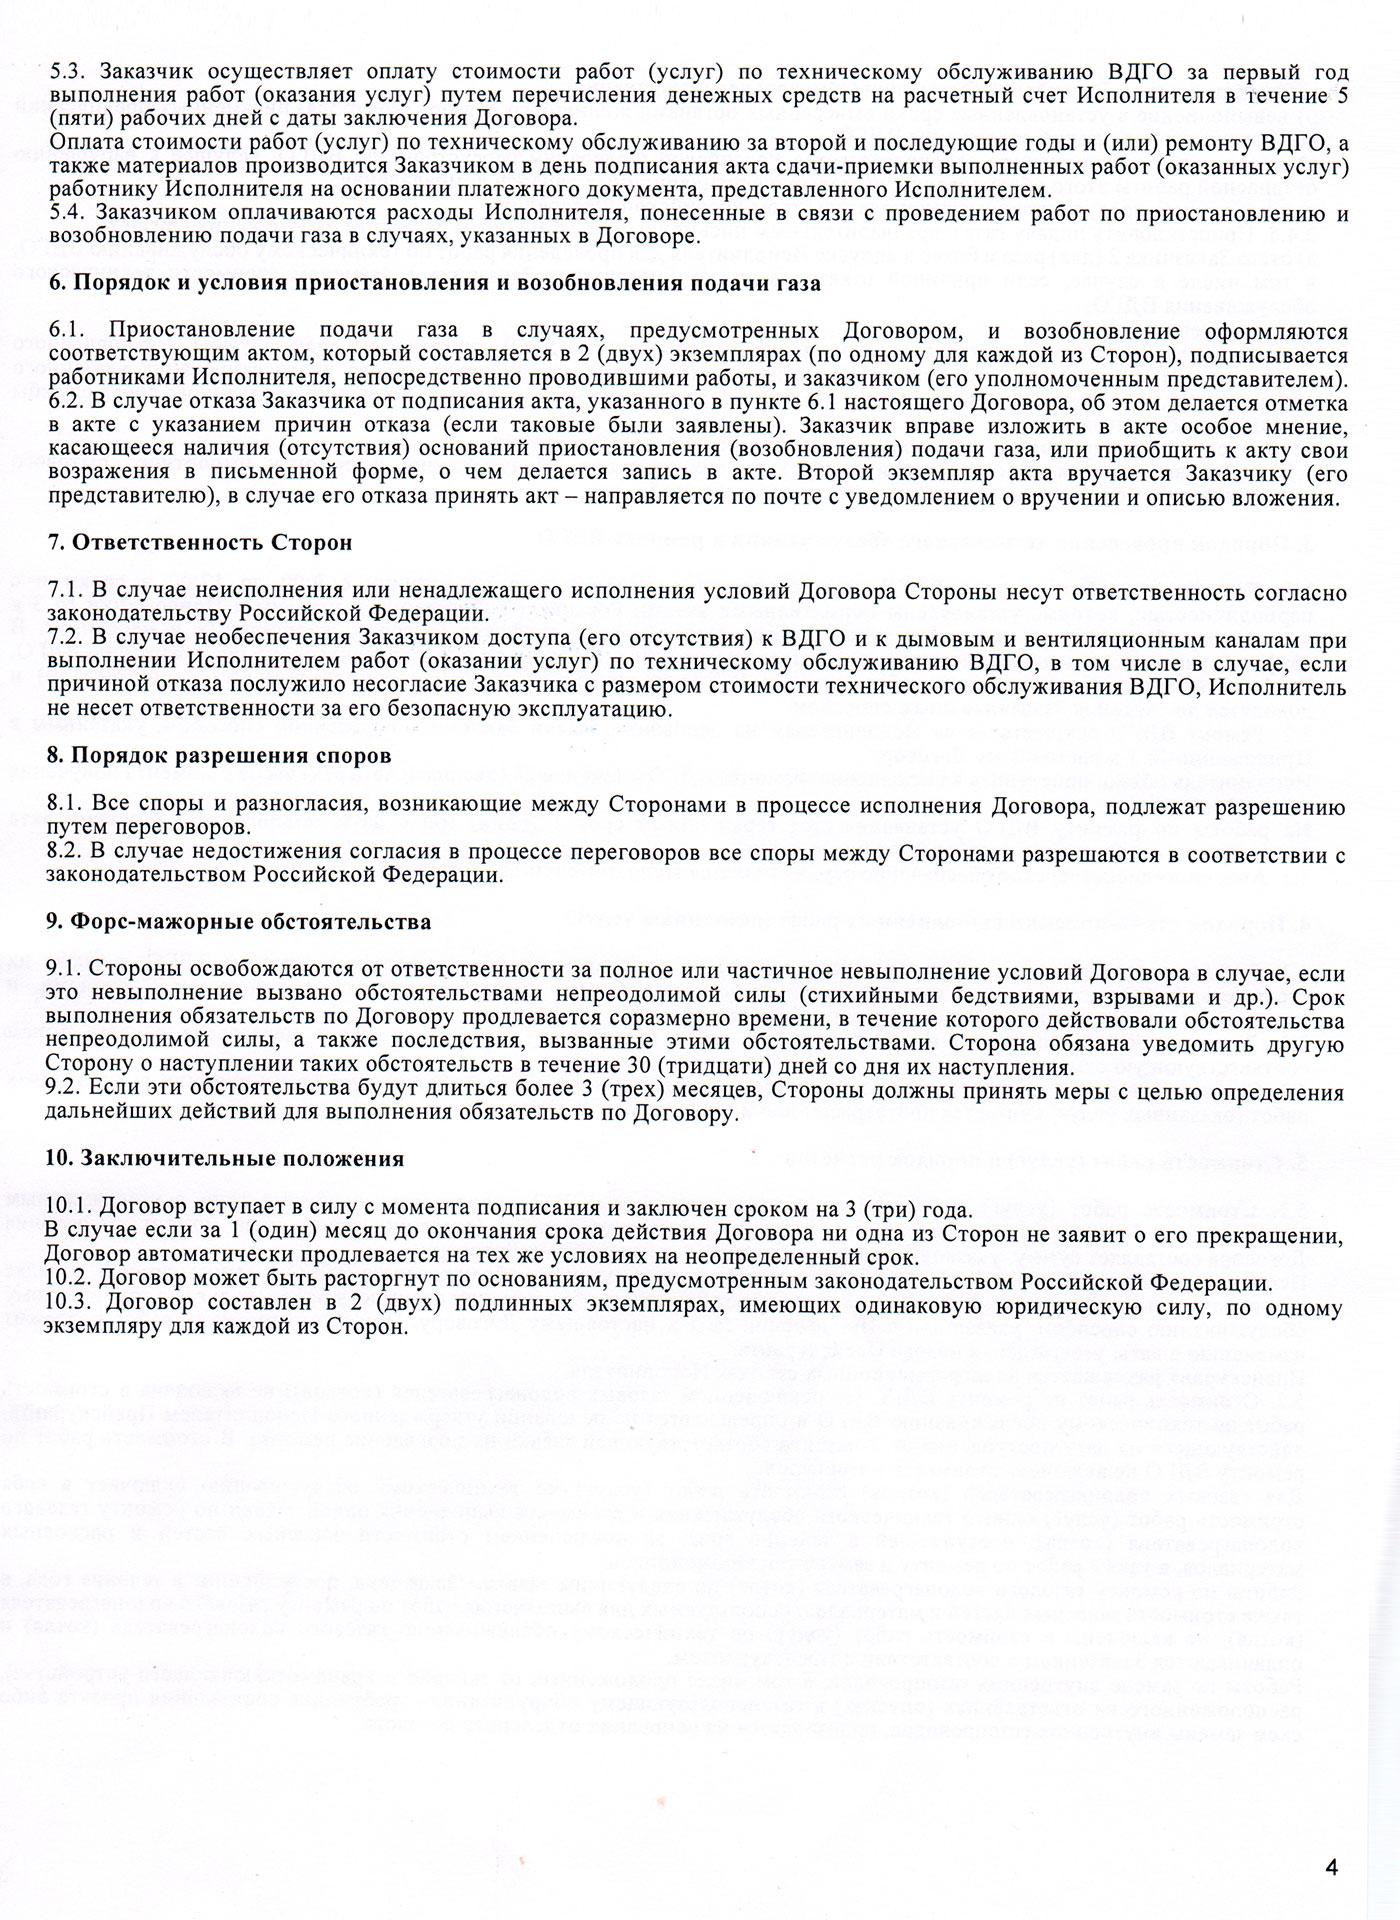 Если условия договора не устраивают, его можно заключить с коммерческой организацией, имеющей лицензию на такие работы